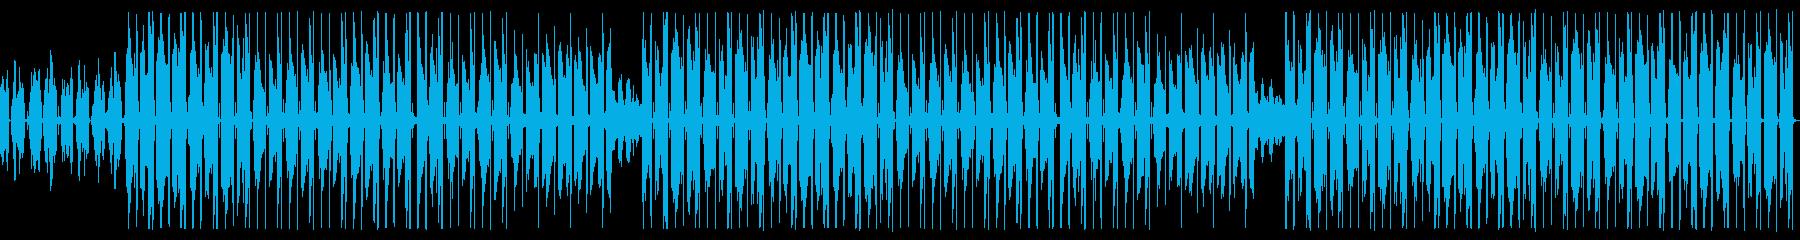 エレピがオシャレなK-POP風のトラップの再生済みの波形